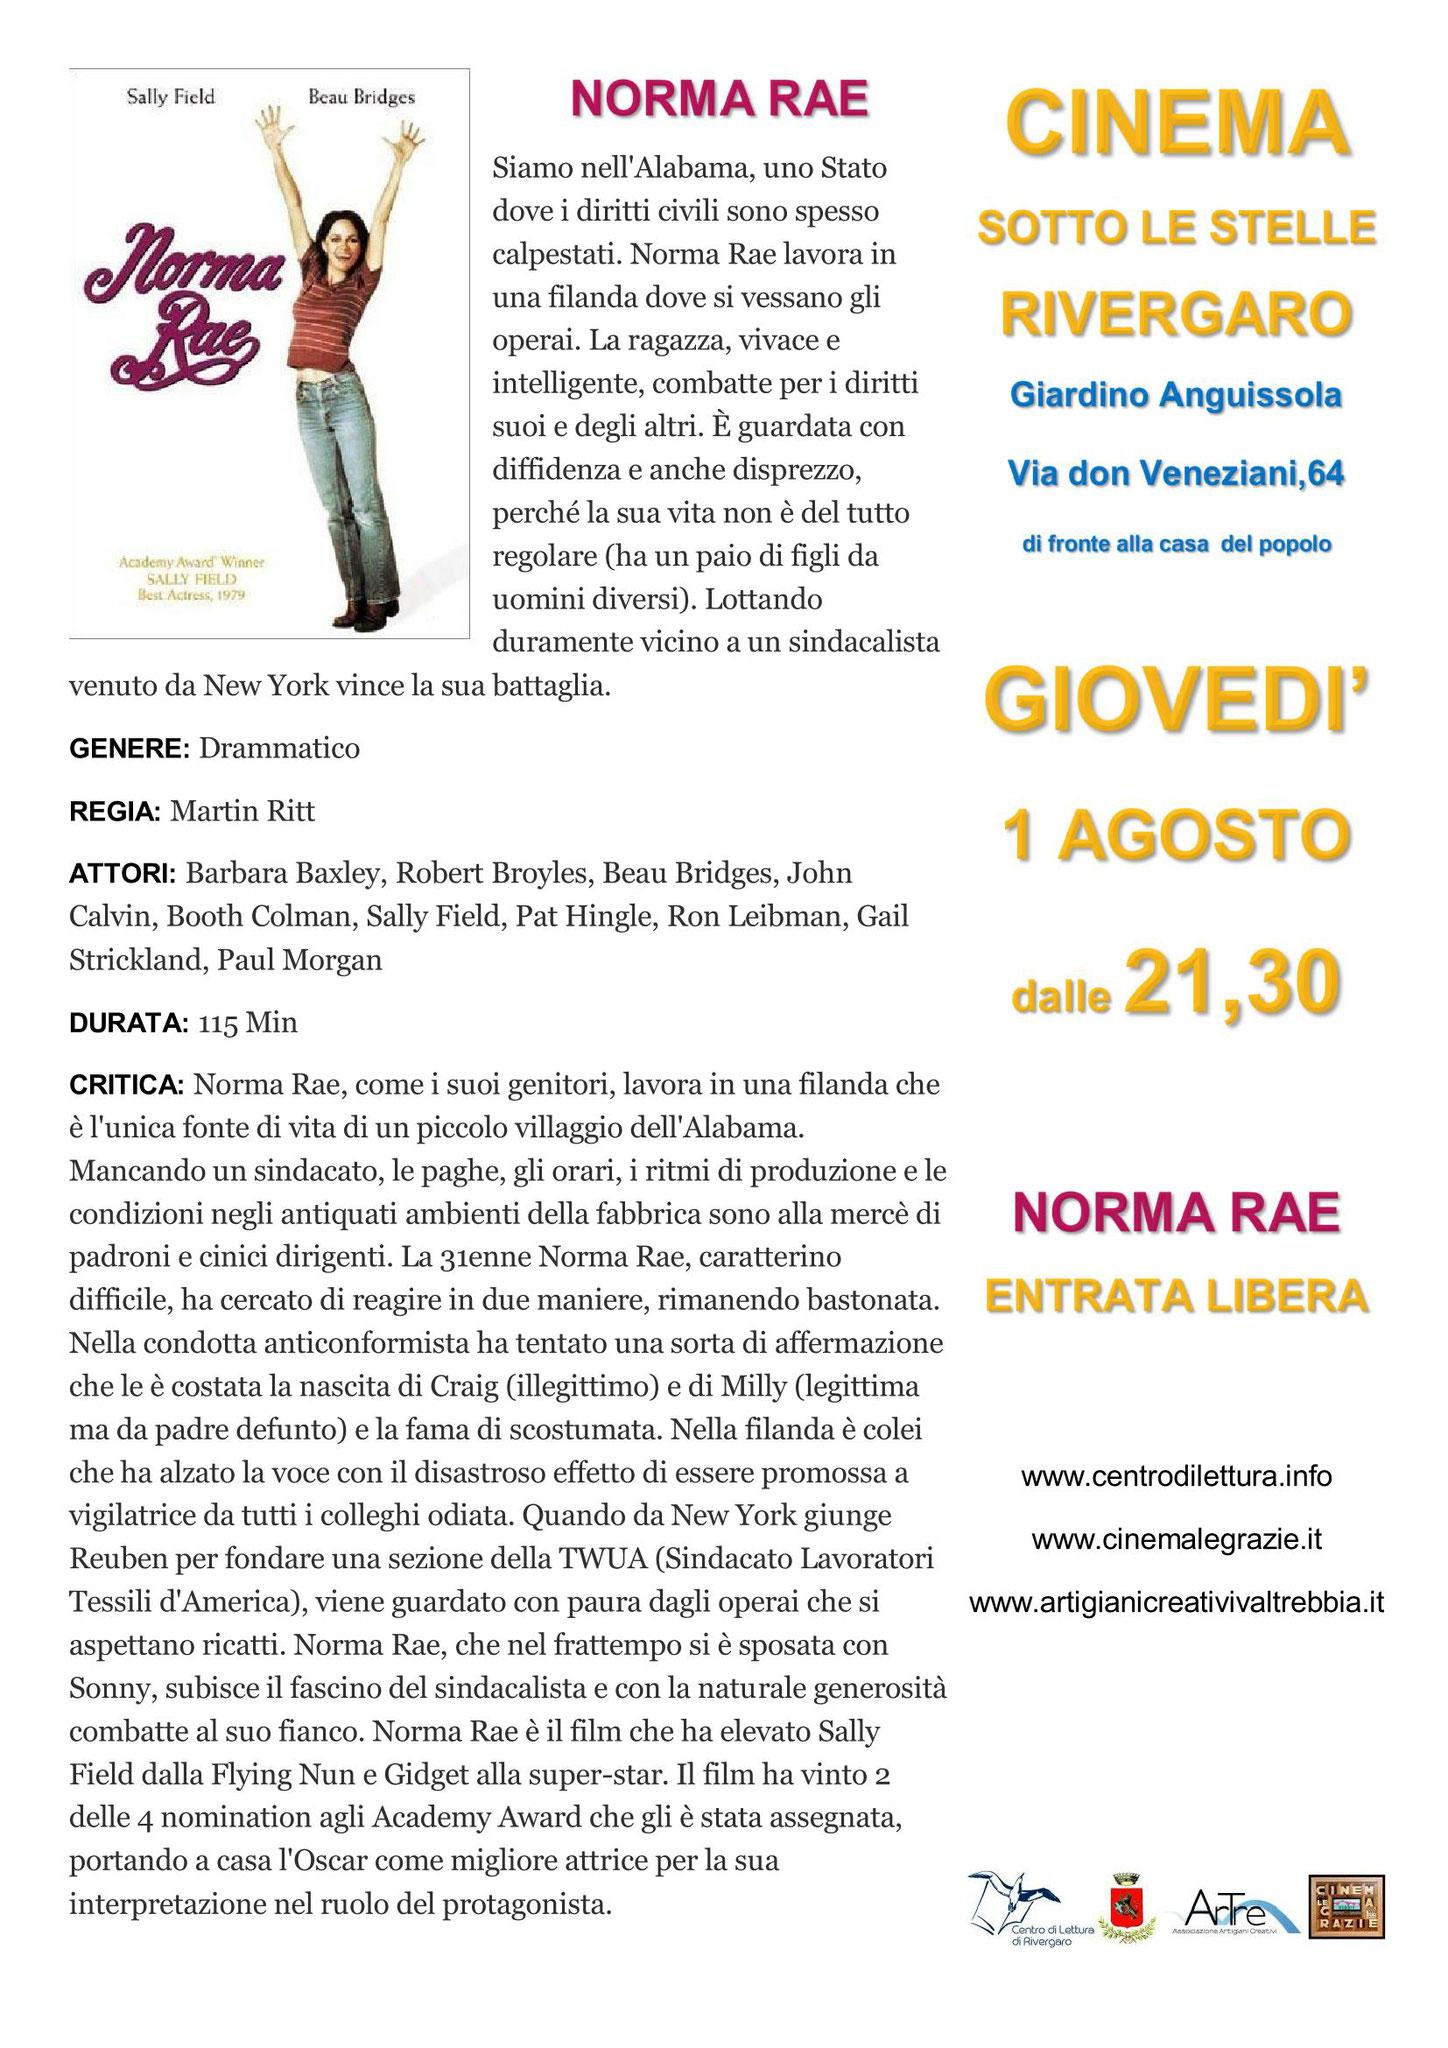 Rivergaro: Cinema Sotto Le Stelle 2019 NORMA RAE  giovedì 1:dalle ore 21:30 giardino di Via Don Veneziani, 64 - Rivergaro (PC) di fronte alla Casa del Popolo #NormaRae